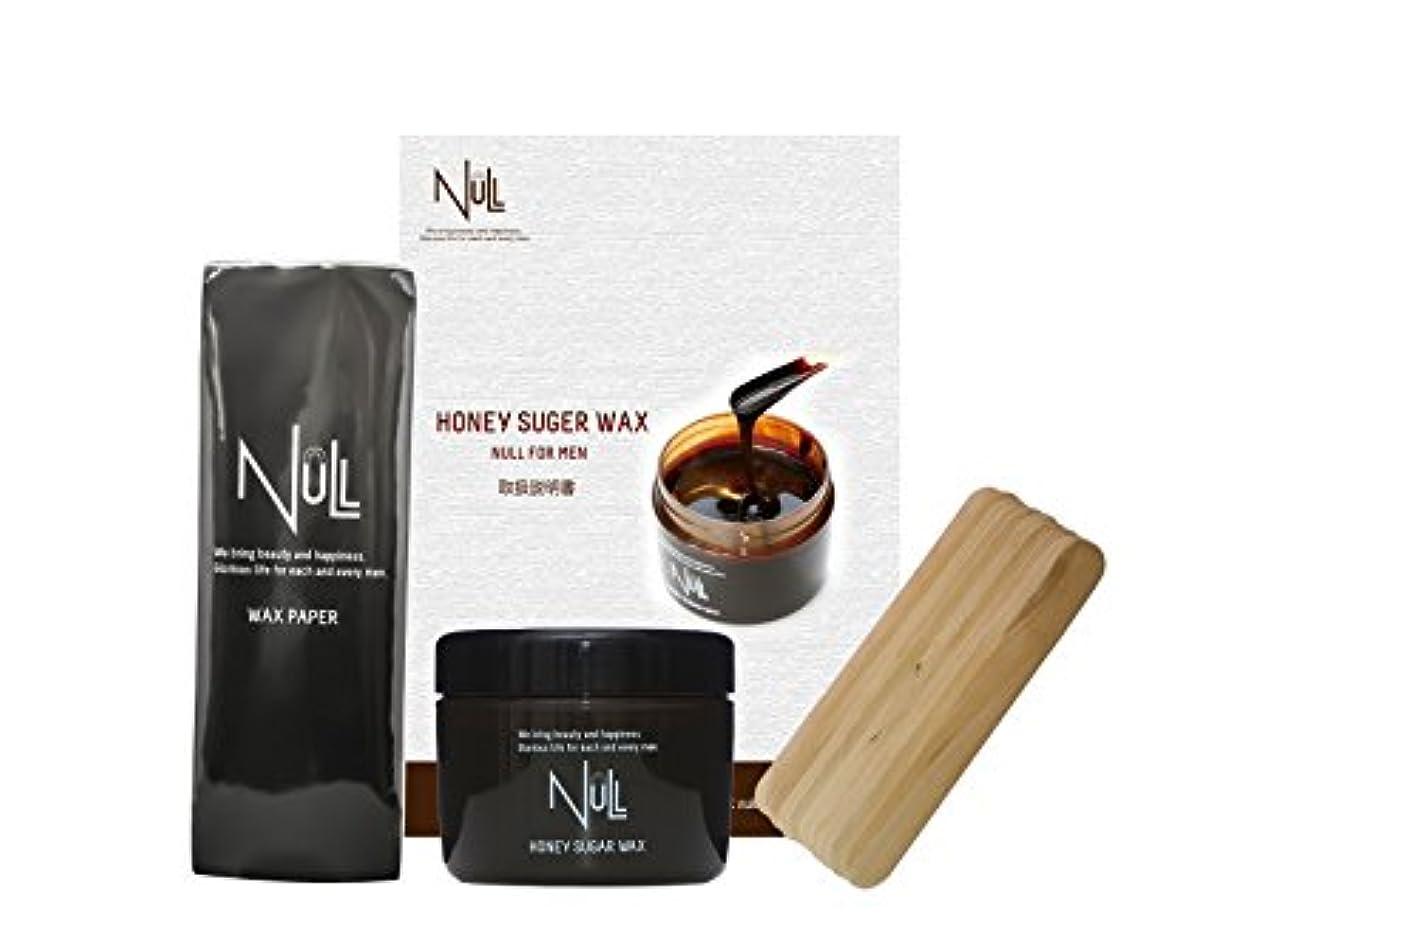 舗装秘書順応性NULL ブラジリアンワックス メンズ 脱毛ワックス スターターキット (ワックスペーパー+スパチュラ+説明書付)(陰部/VIO/アンダーヘア/ボディ用)